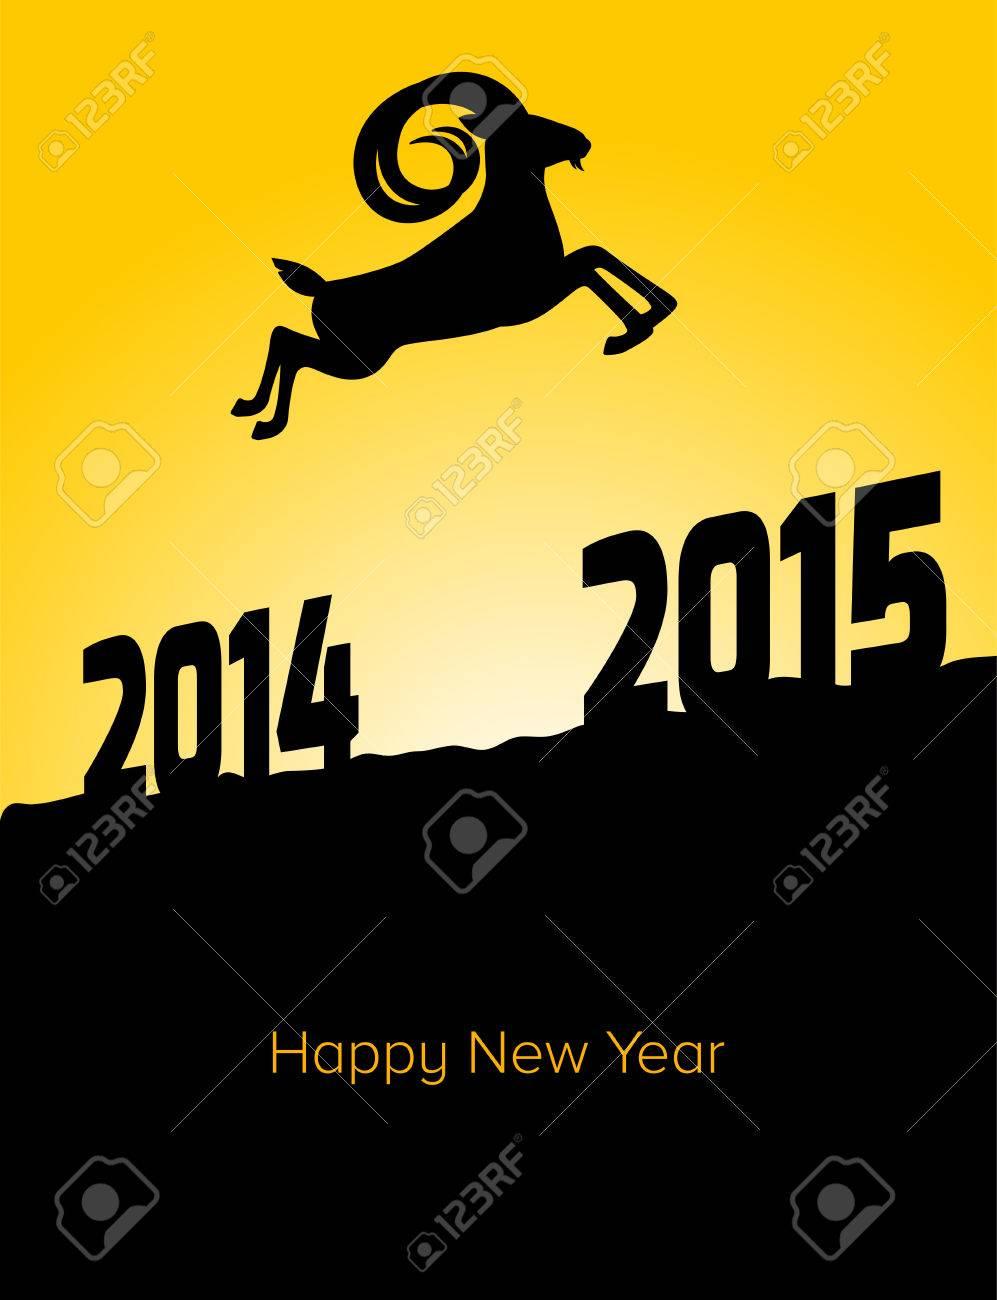 Frohes Neues Jahr 2015 Jahre Der Ziege. Eine Ziege Springt Von 2014 ...